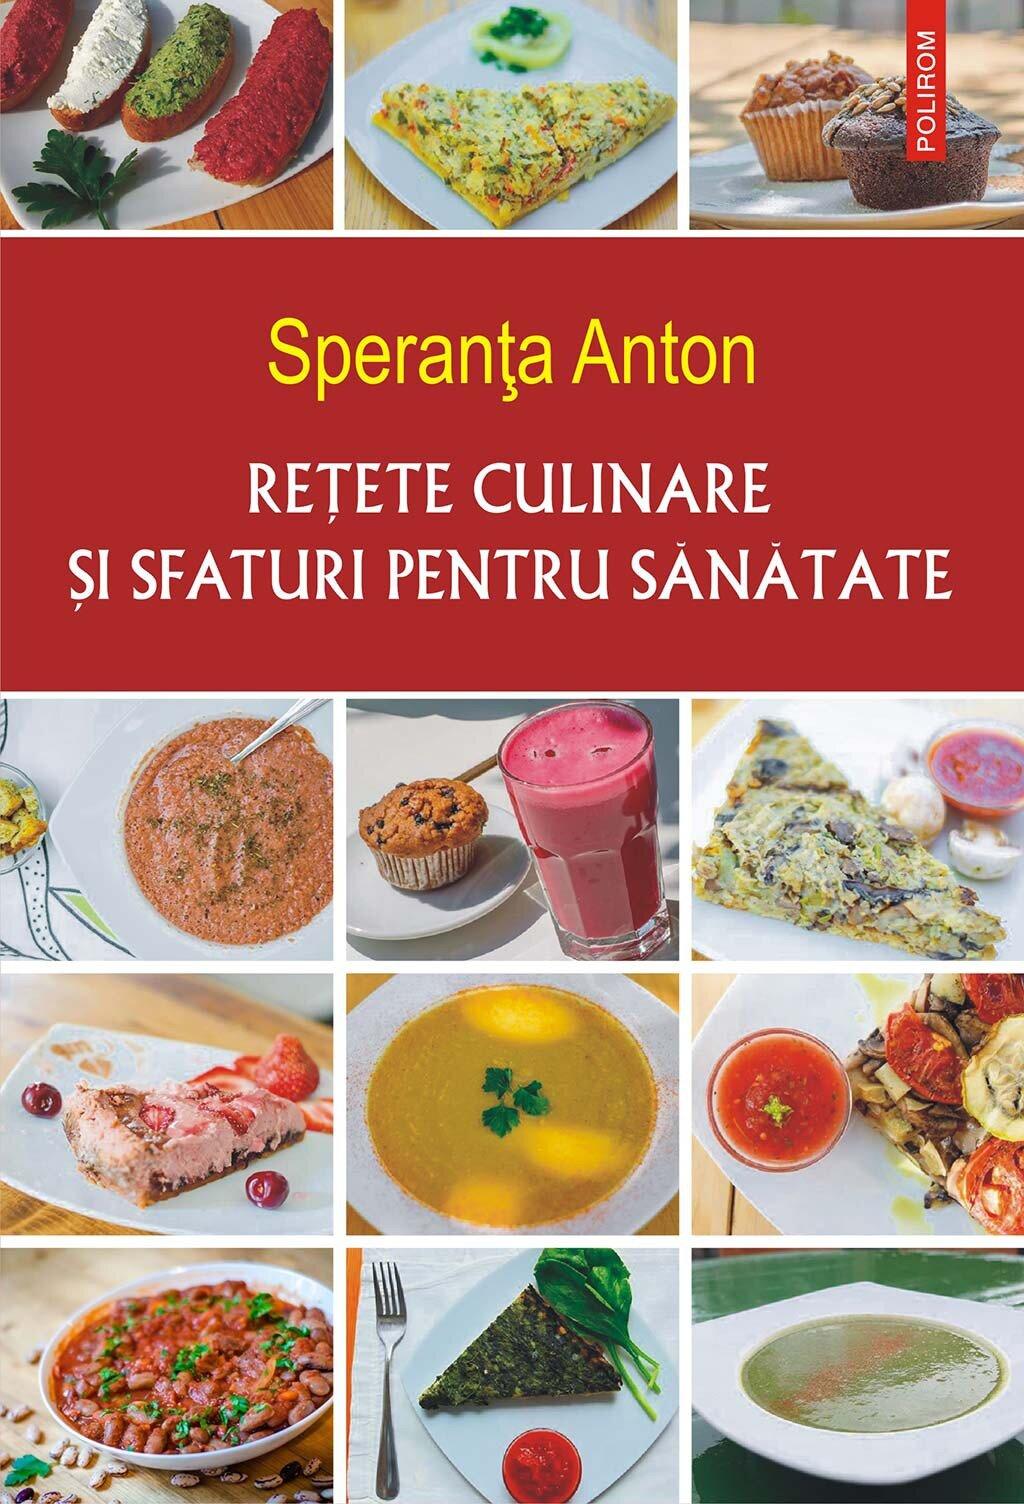 Retete culinare si sfaturi pentru sanatate PDF (Download eBook)